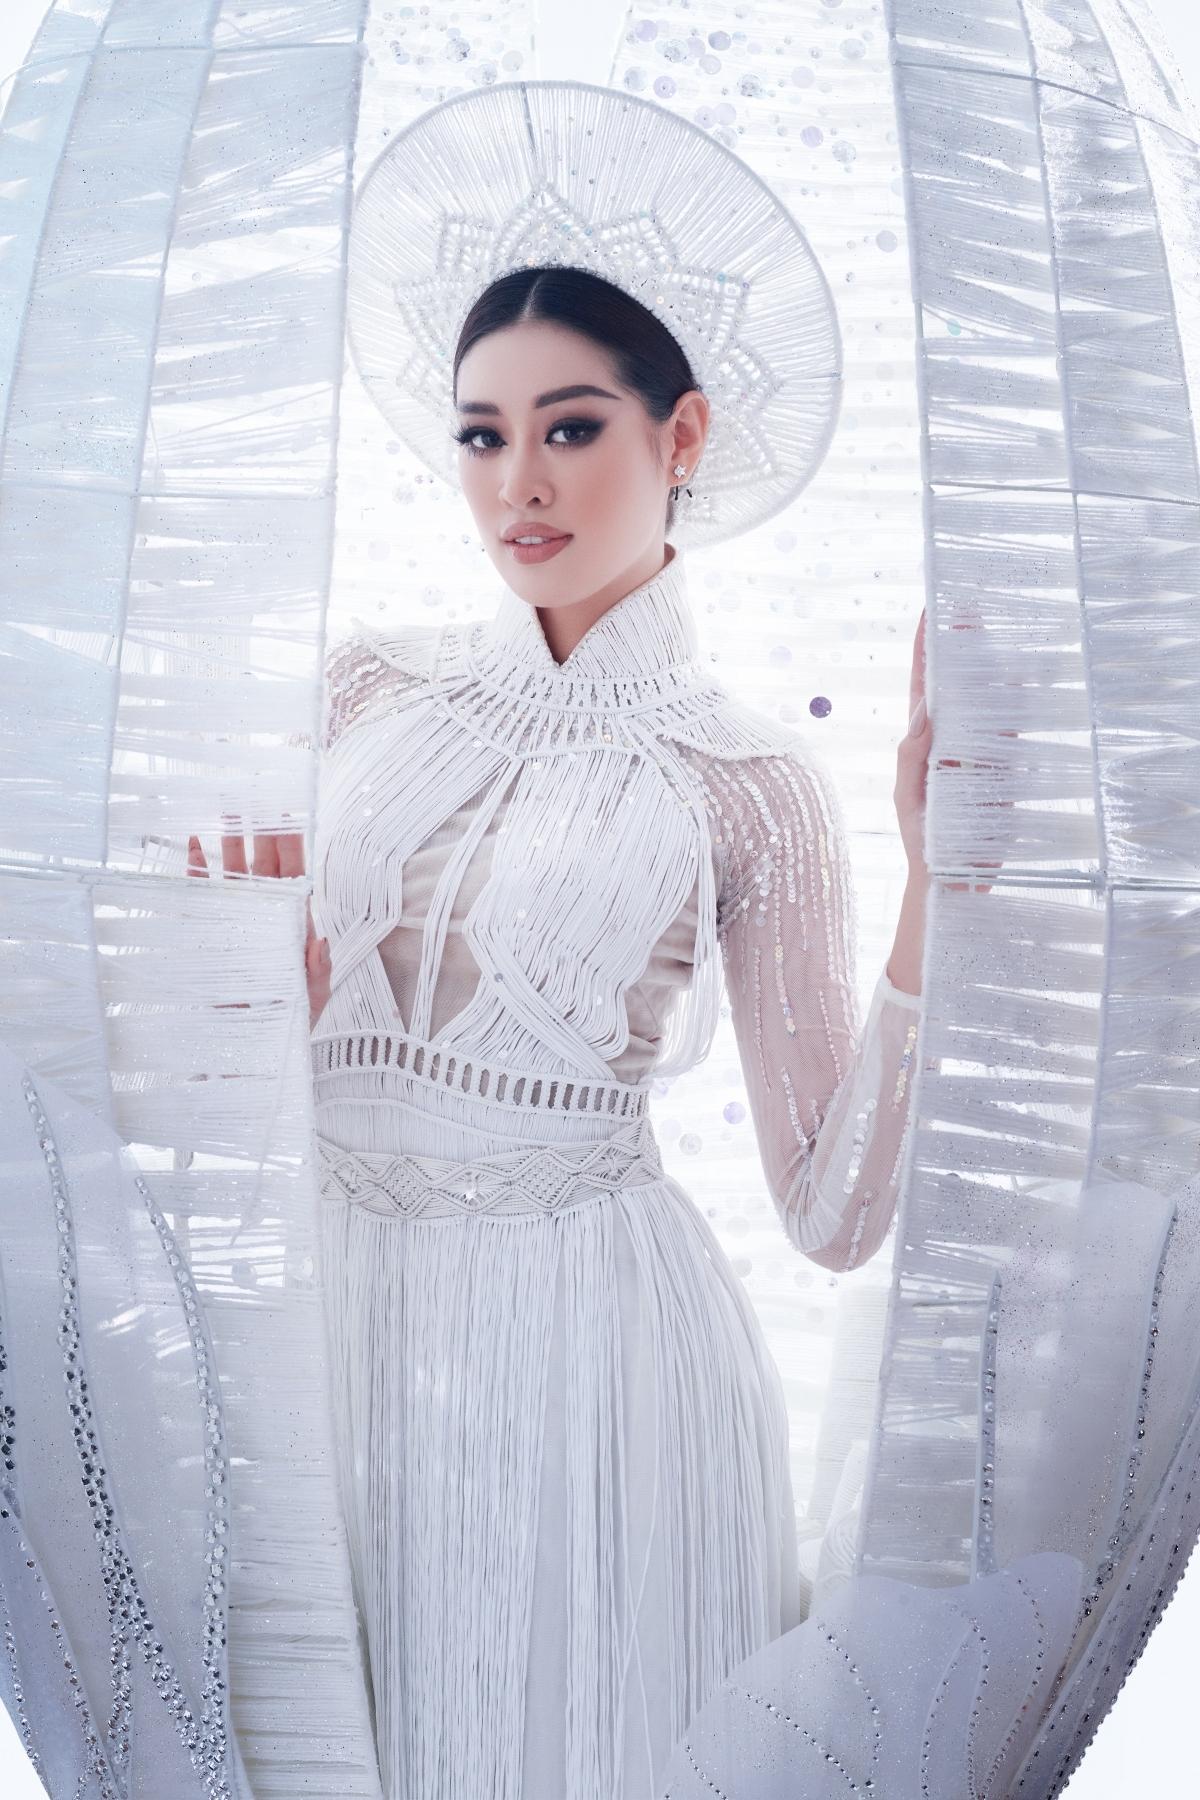 """Hoa hậu Khánh Vân trong thiết kế """"Kén em""""."""